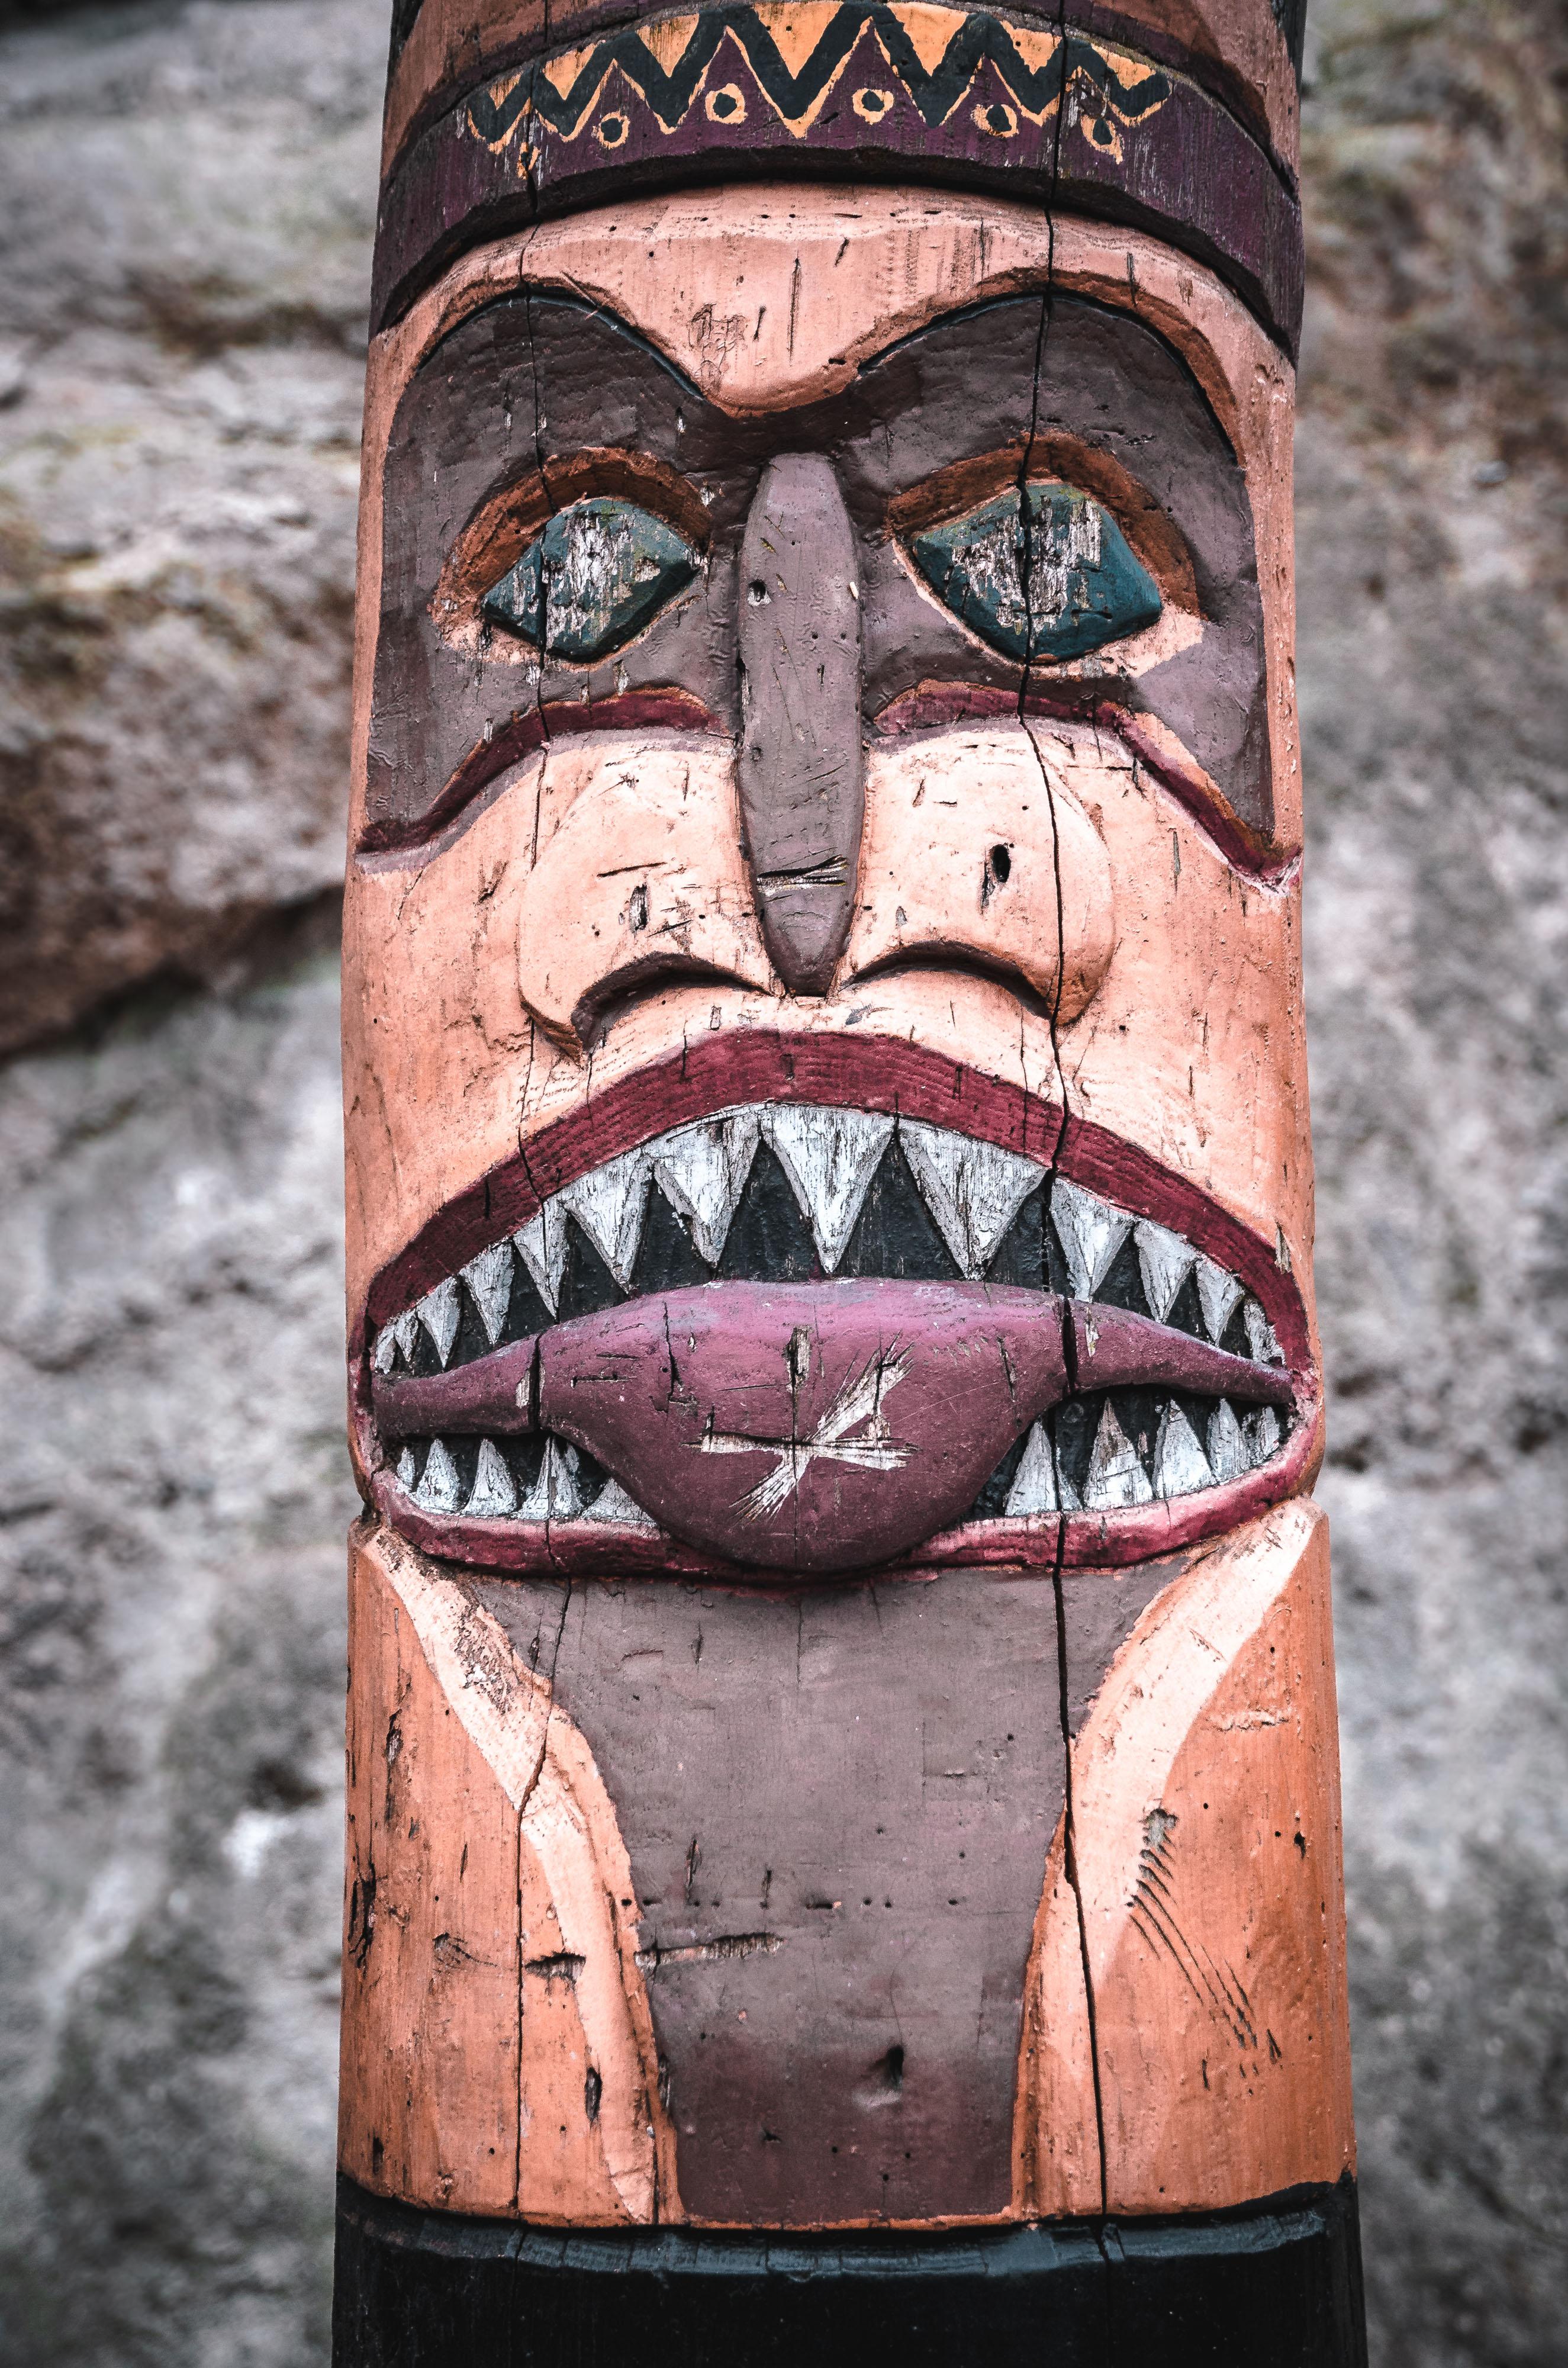 Abstraktné stvárnenia mýtických bytostí zdobia precízne vyrezávané totemy